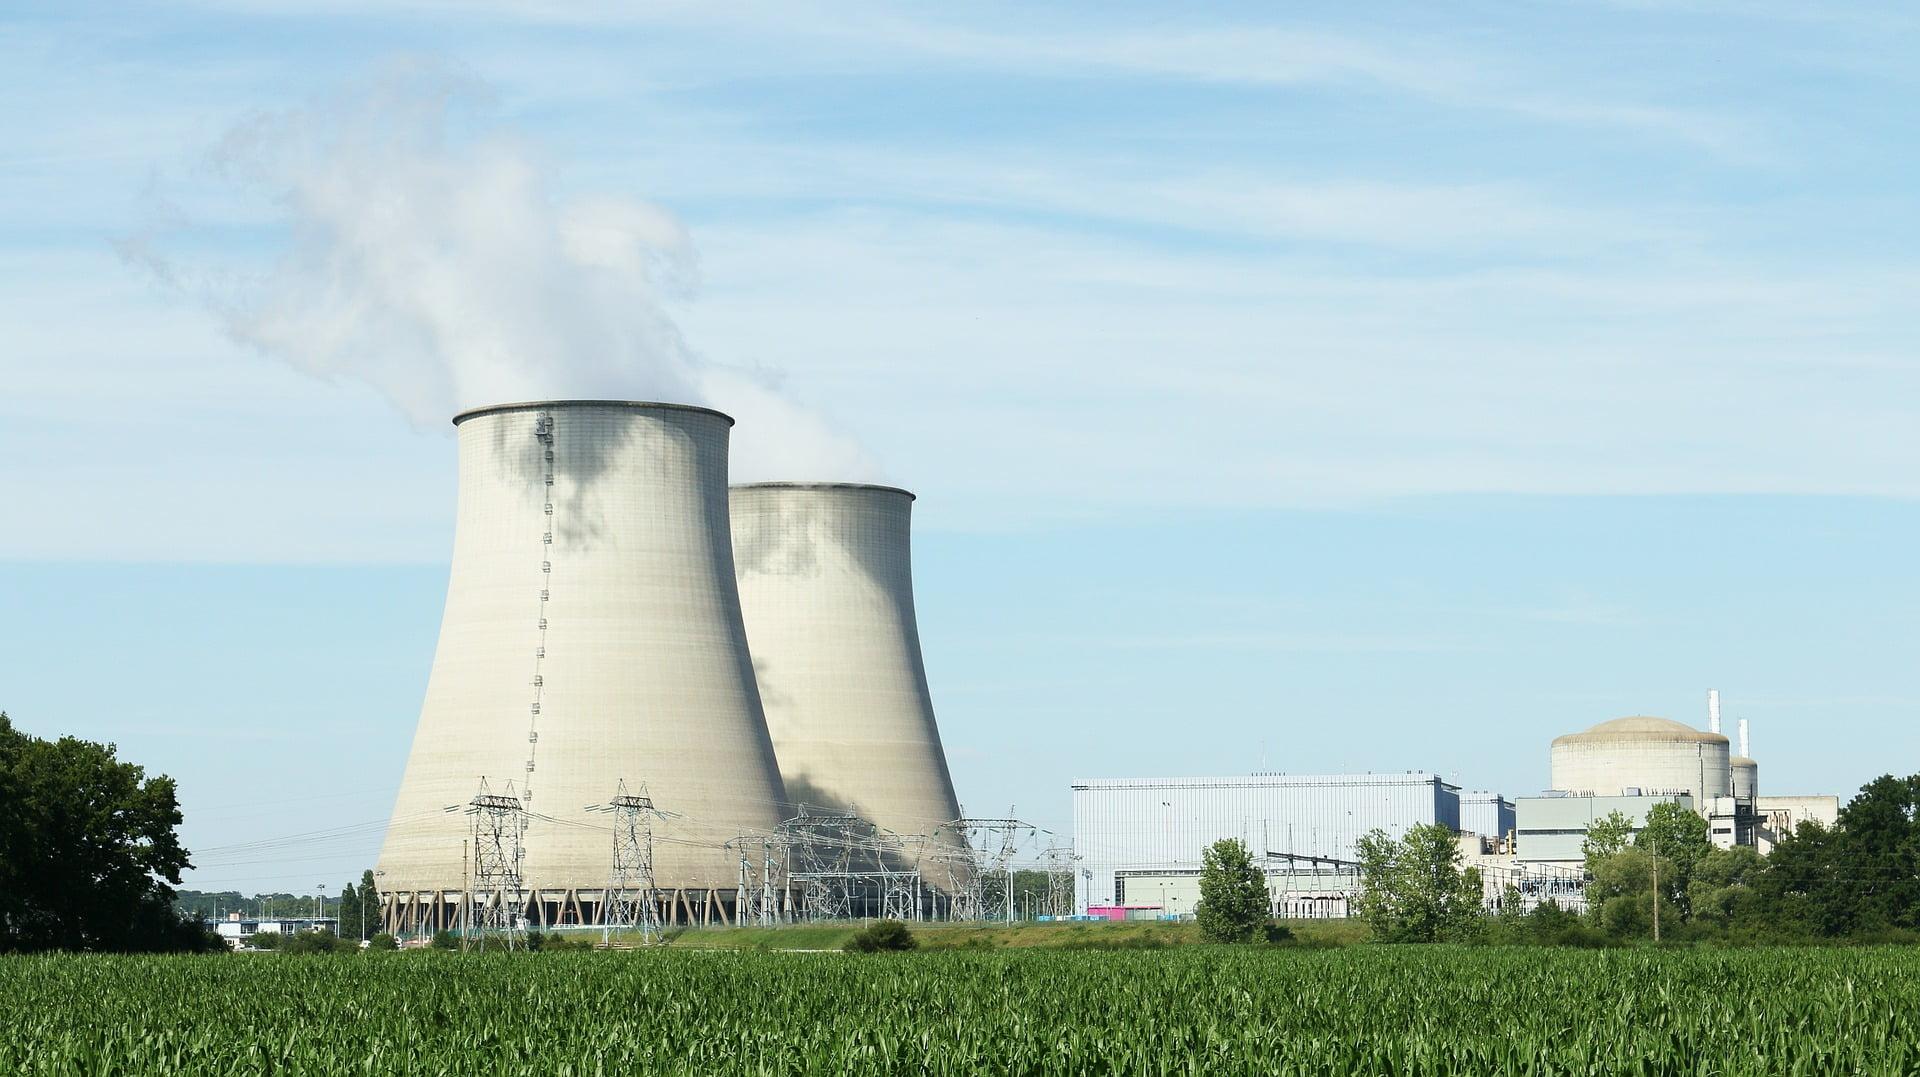 De blinde liefde van Ecomodernisten voor kernenergie